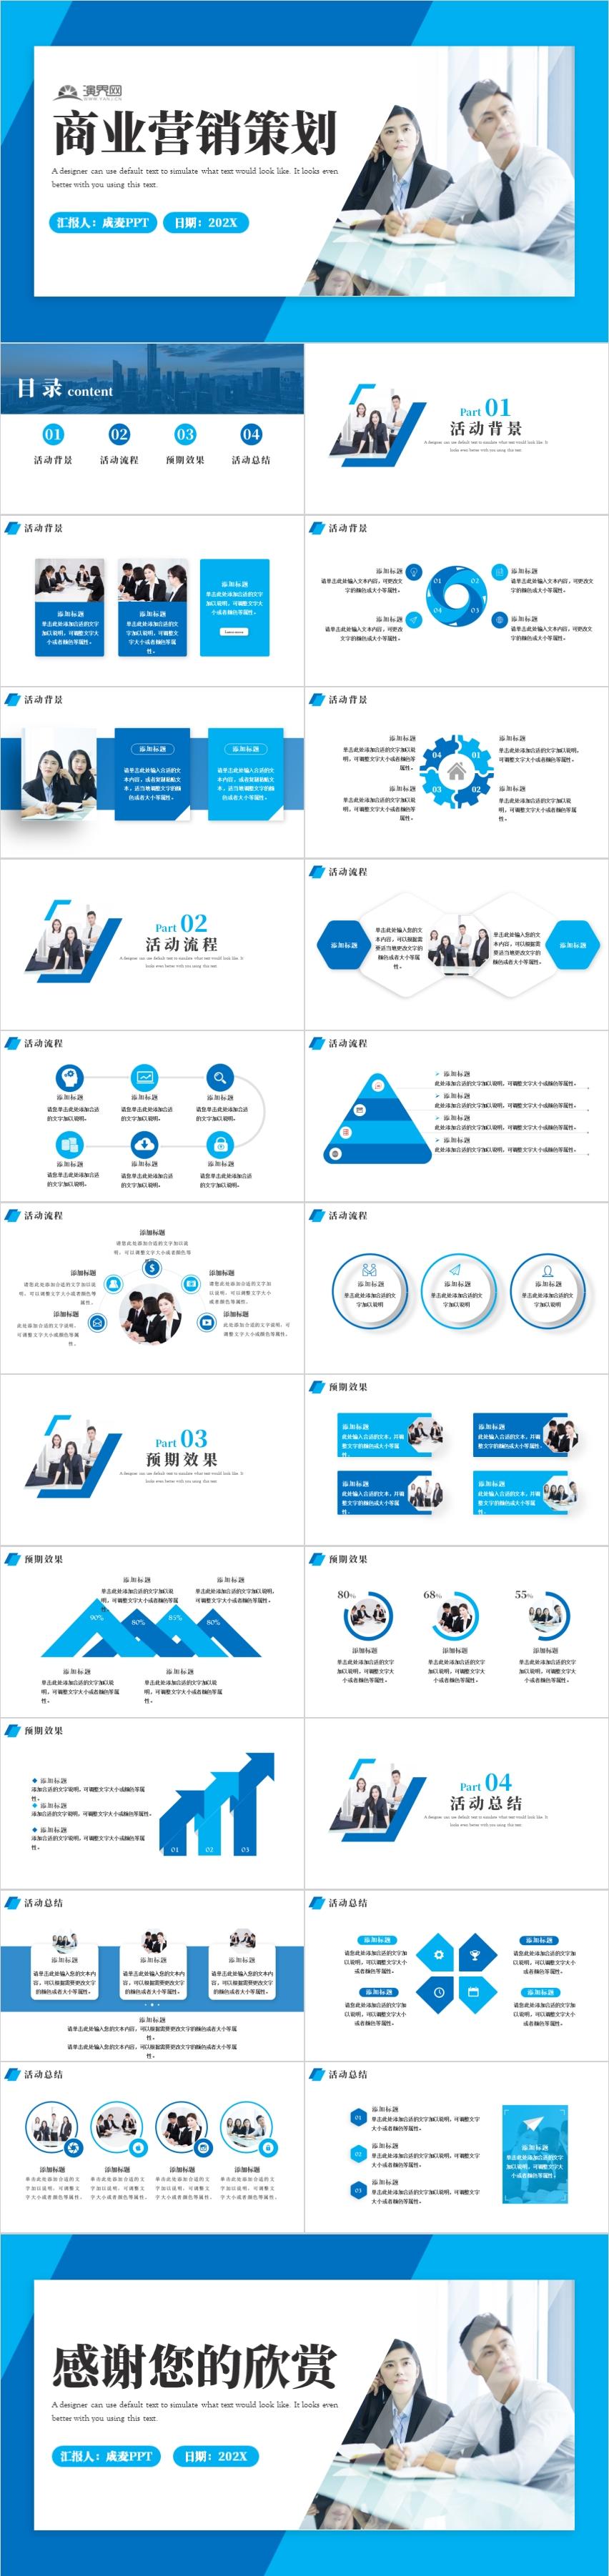 蓝色企业营销策划方案商务PPT模板